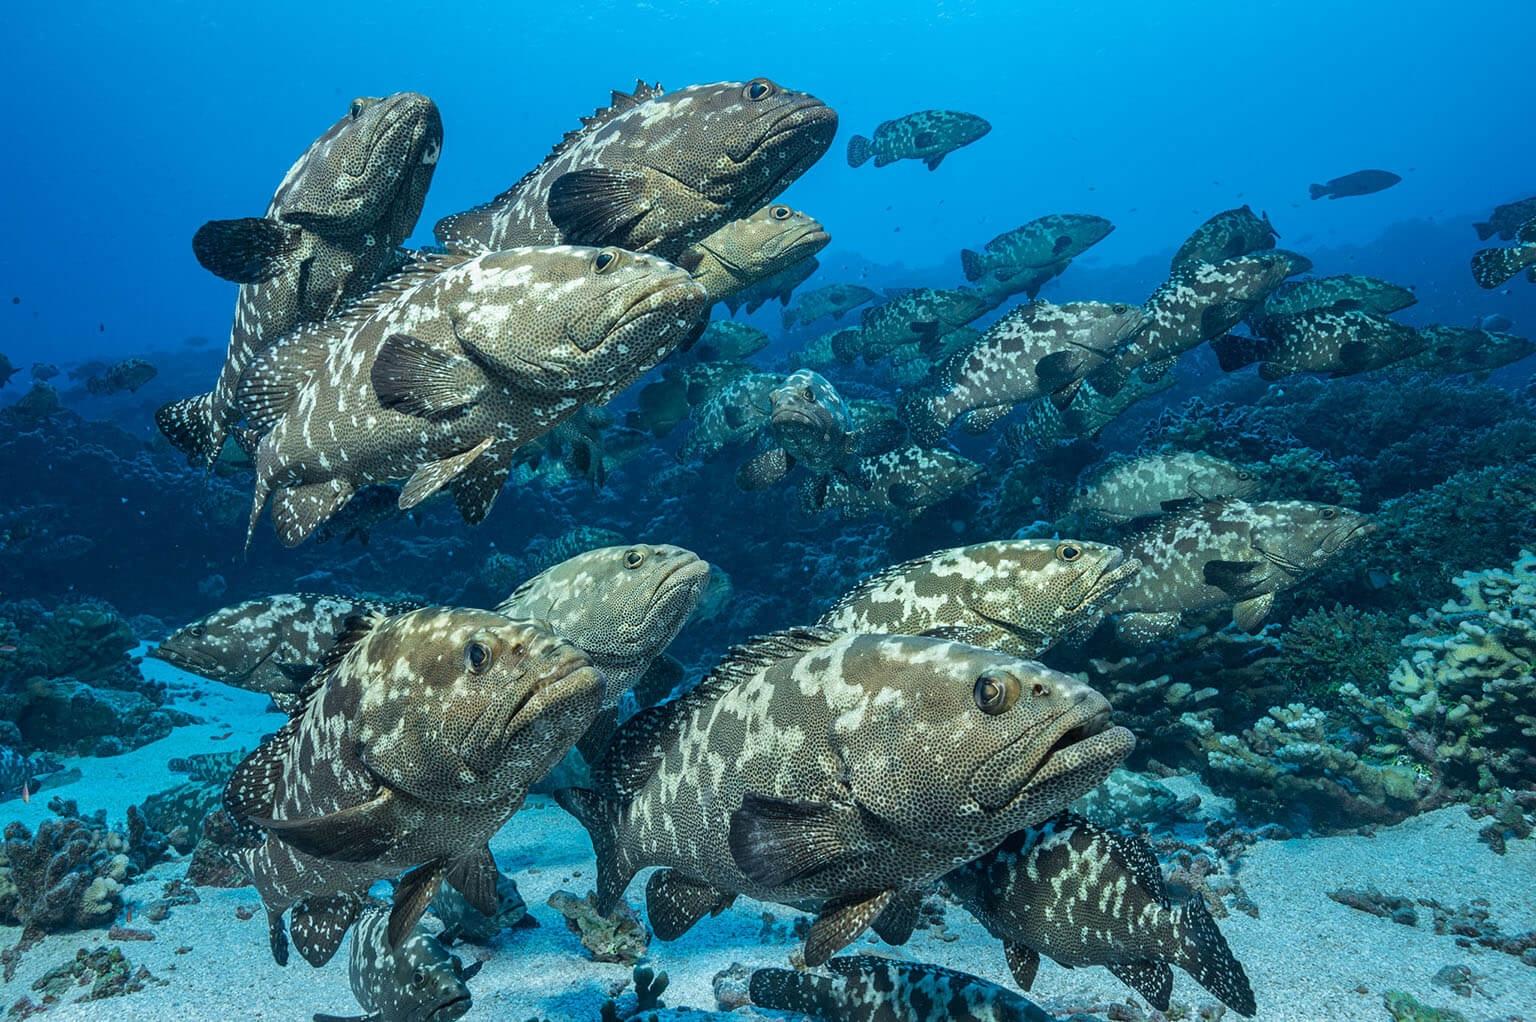 鈍吻真鯊的主要獵物(至少在夏至左右)是聚集在水道裡產卵的1萬7000隻清水石斑魚。潮水會把受精卵帶到外海。